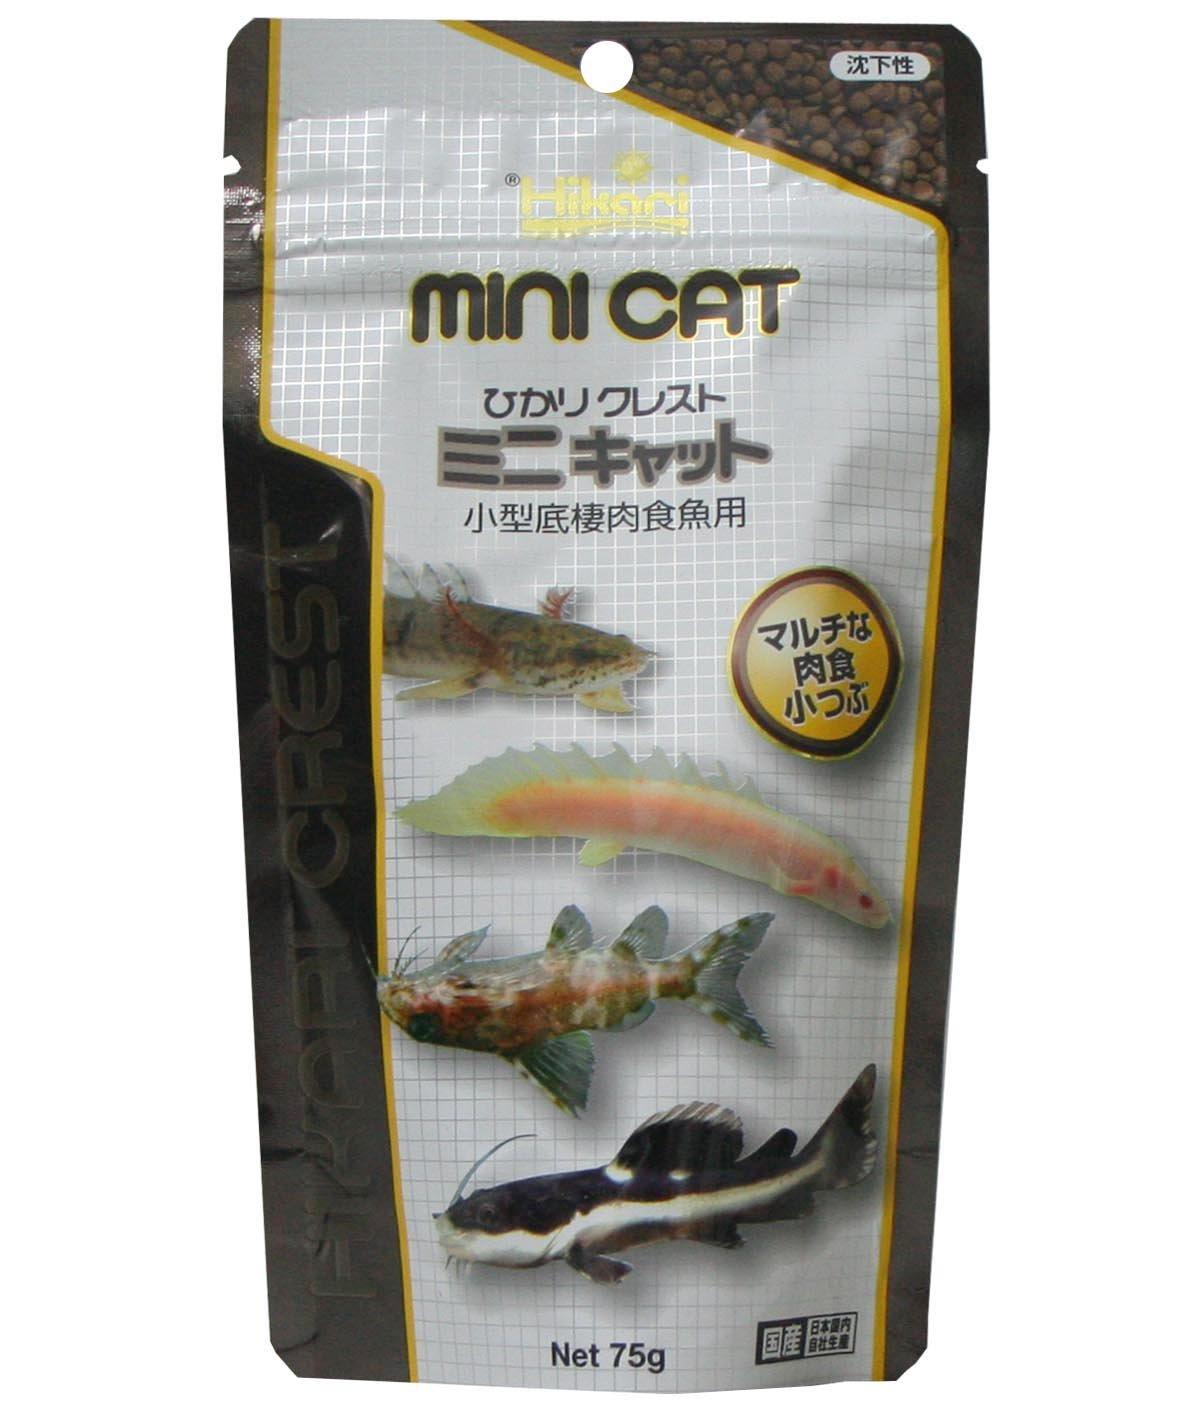 Hikari(ひかり) ひかりクレスト ミニキャット 小型底棲肉食魚用 75g